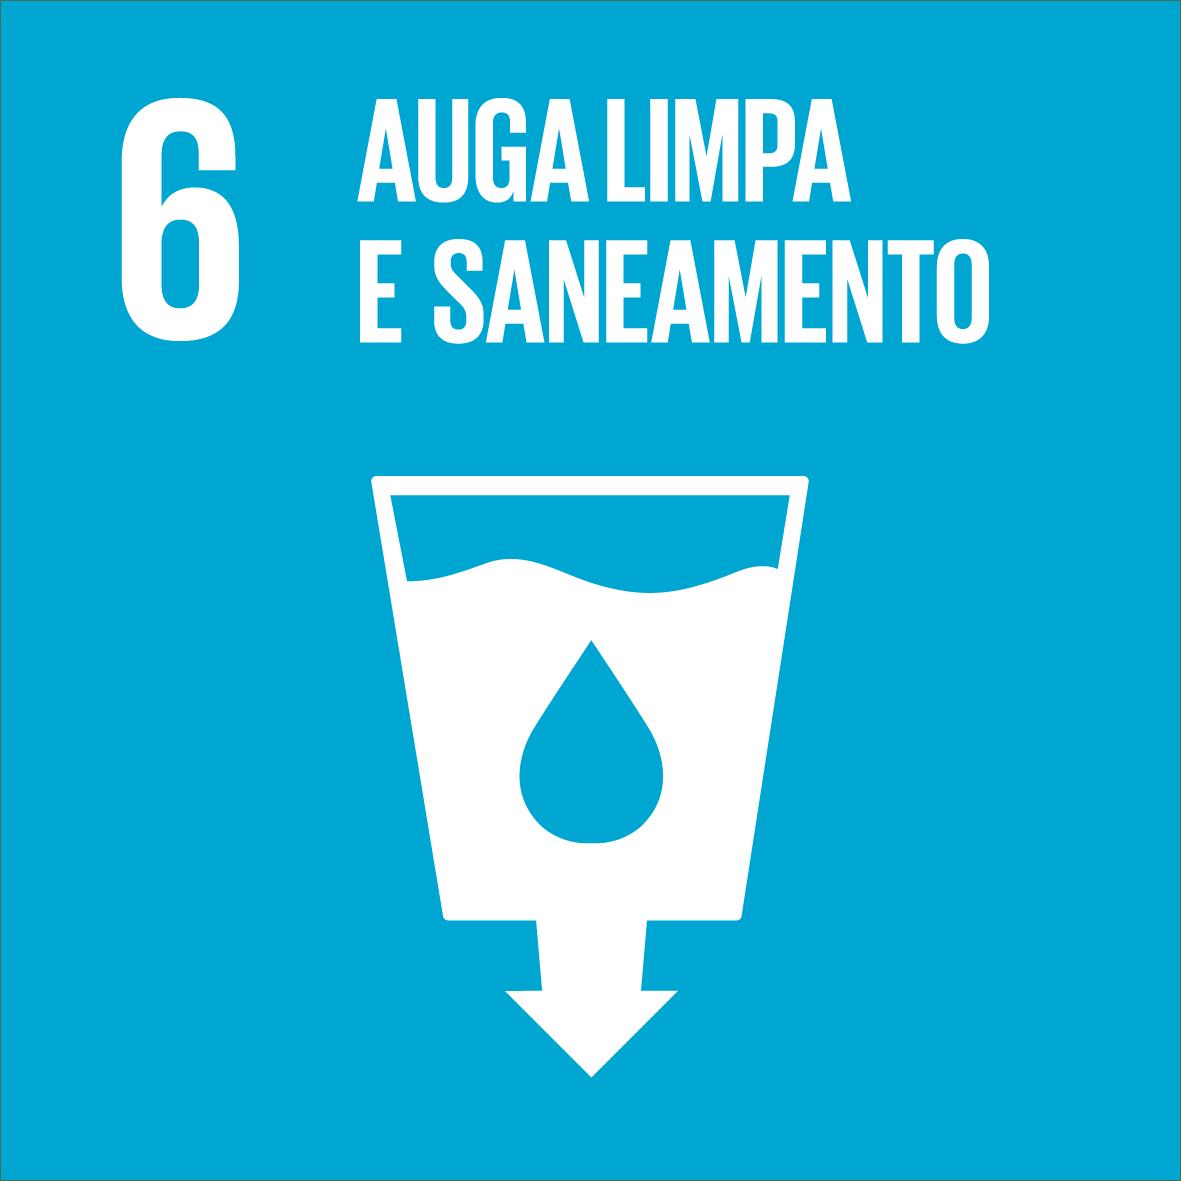 ODS 6: Auga limpa e saneamento